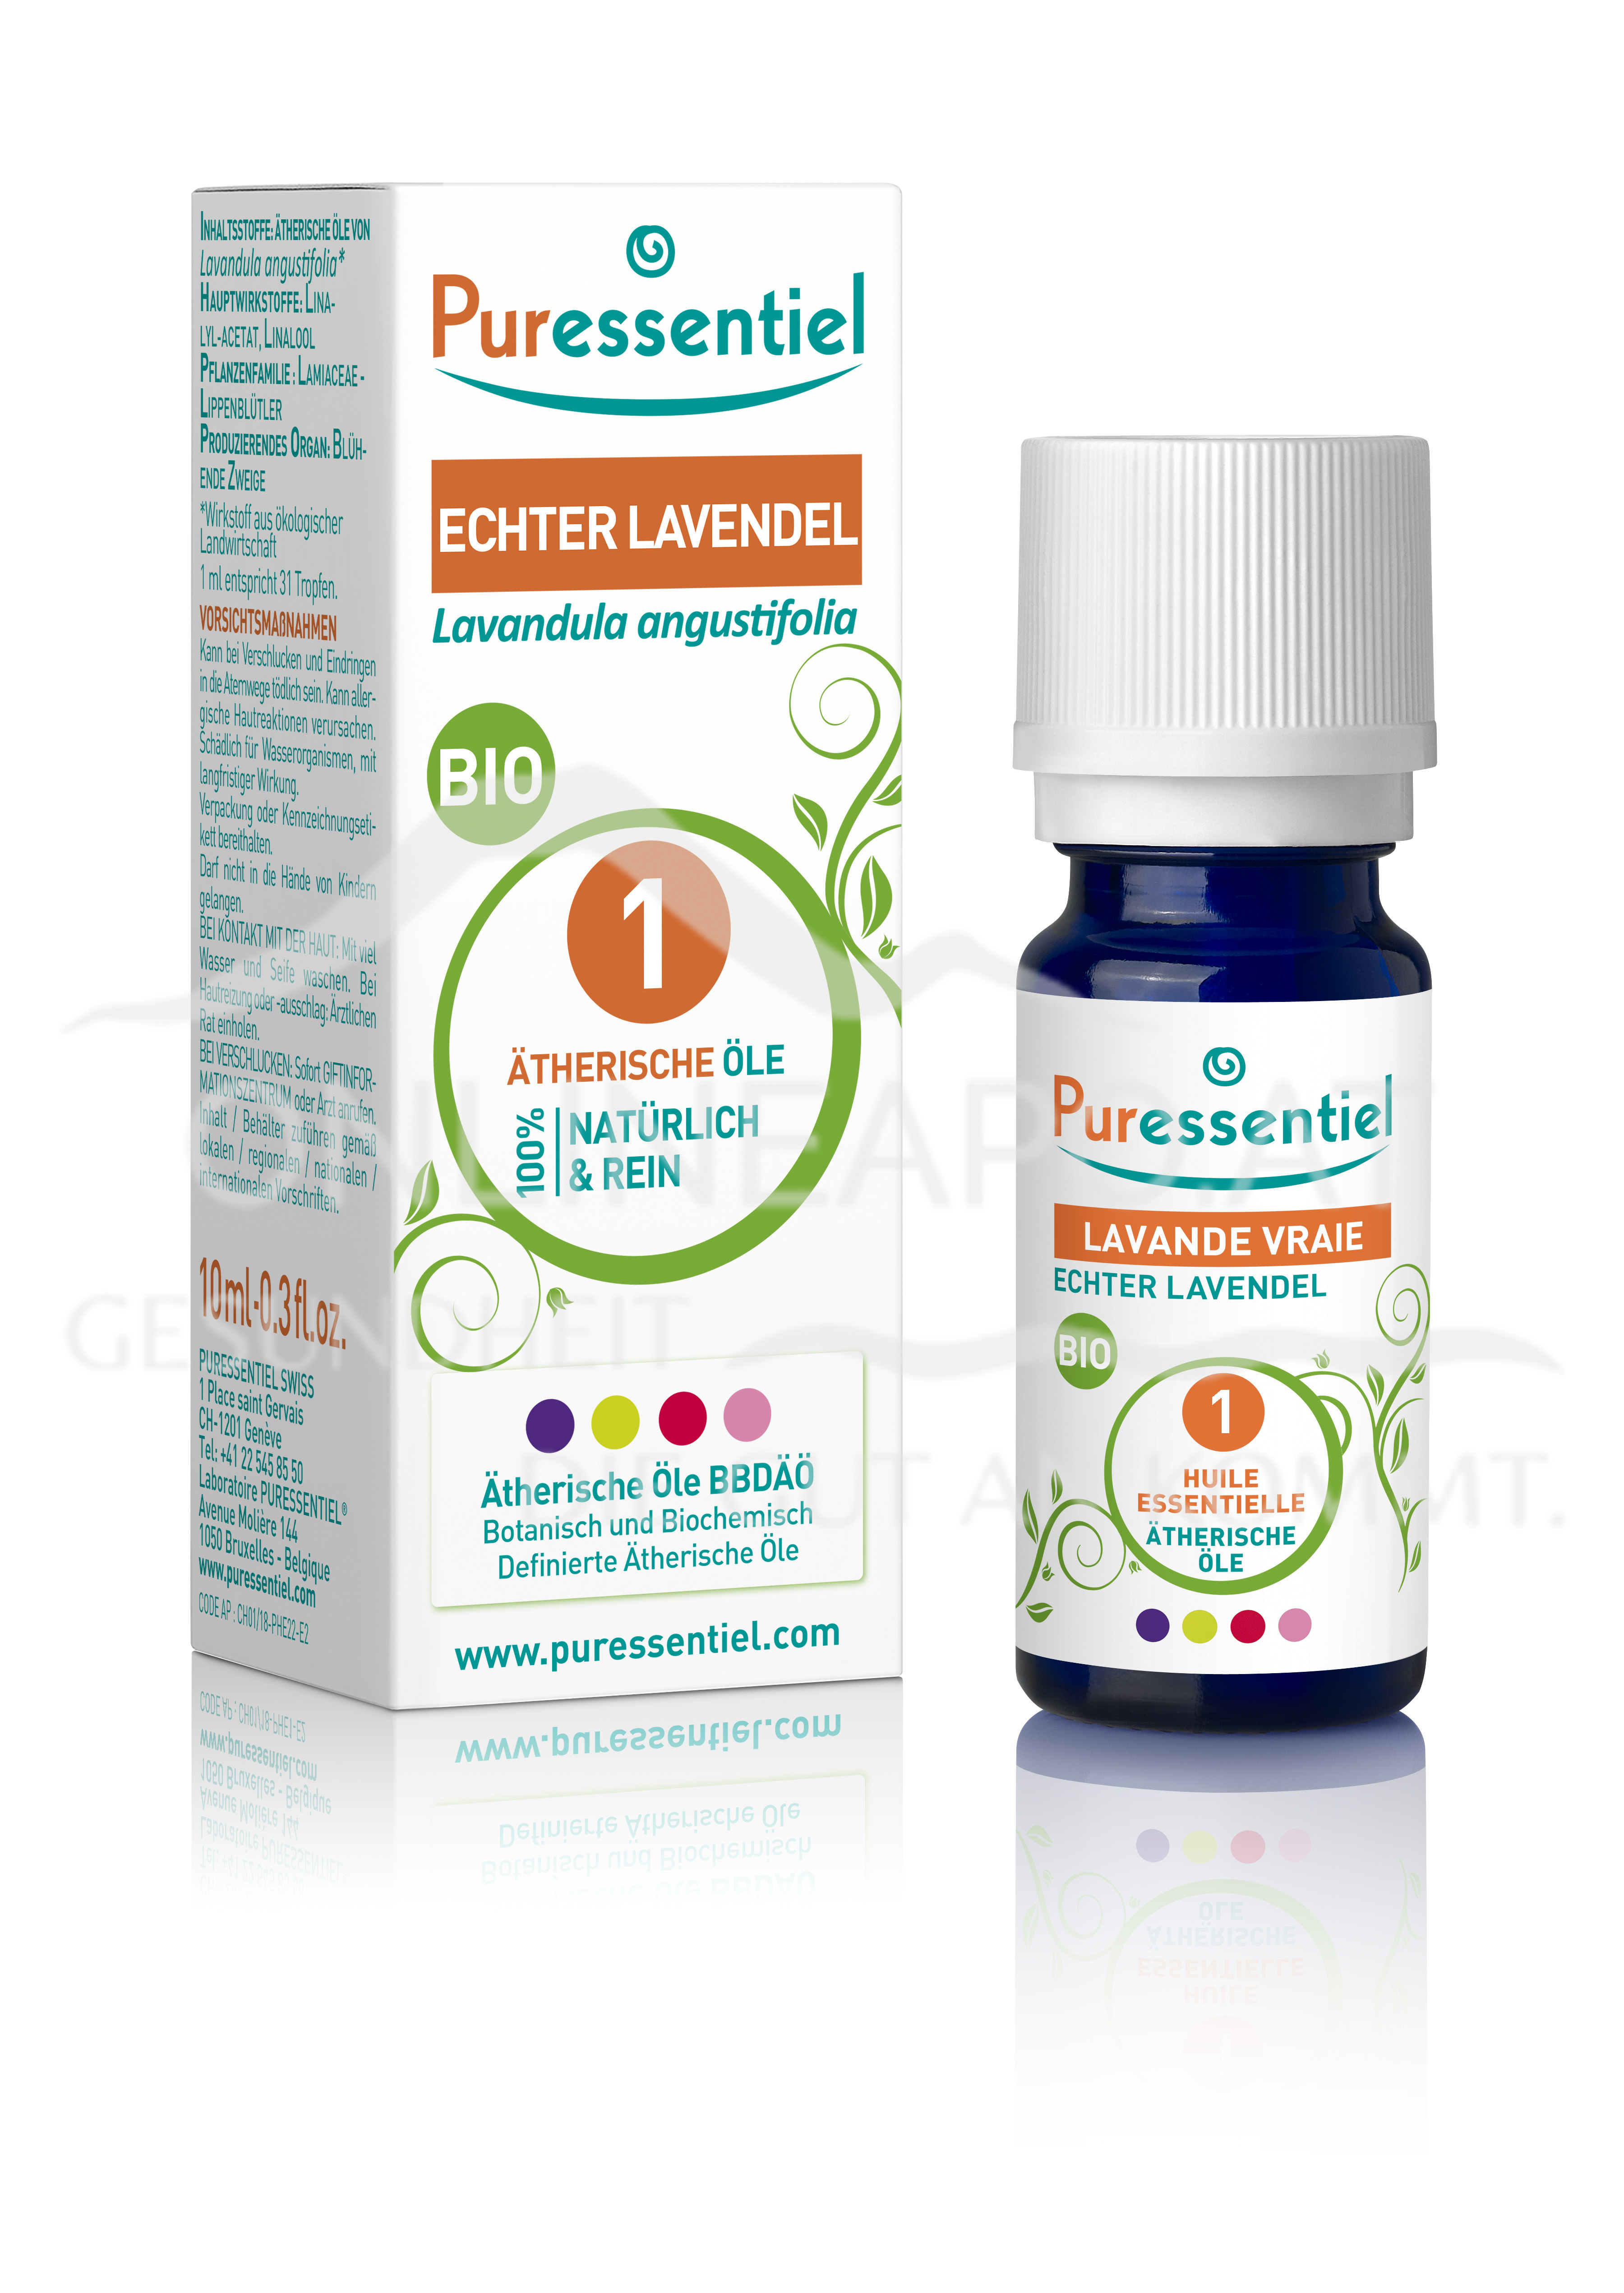 Puressentiel Echter Lavendel Bio Ätherisches Öl